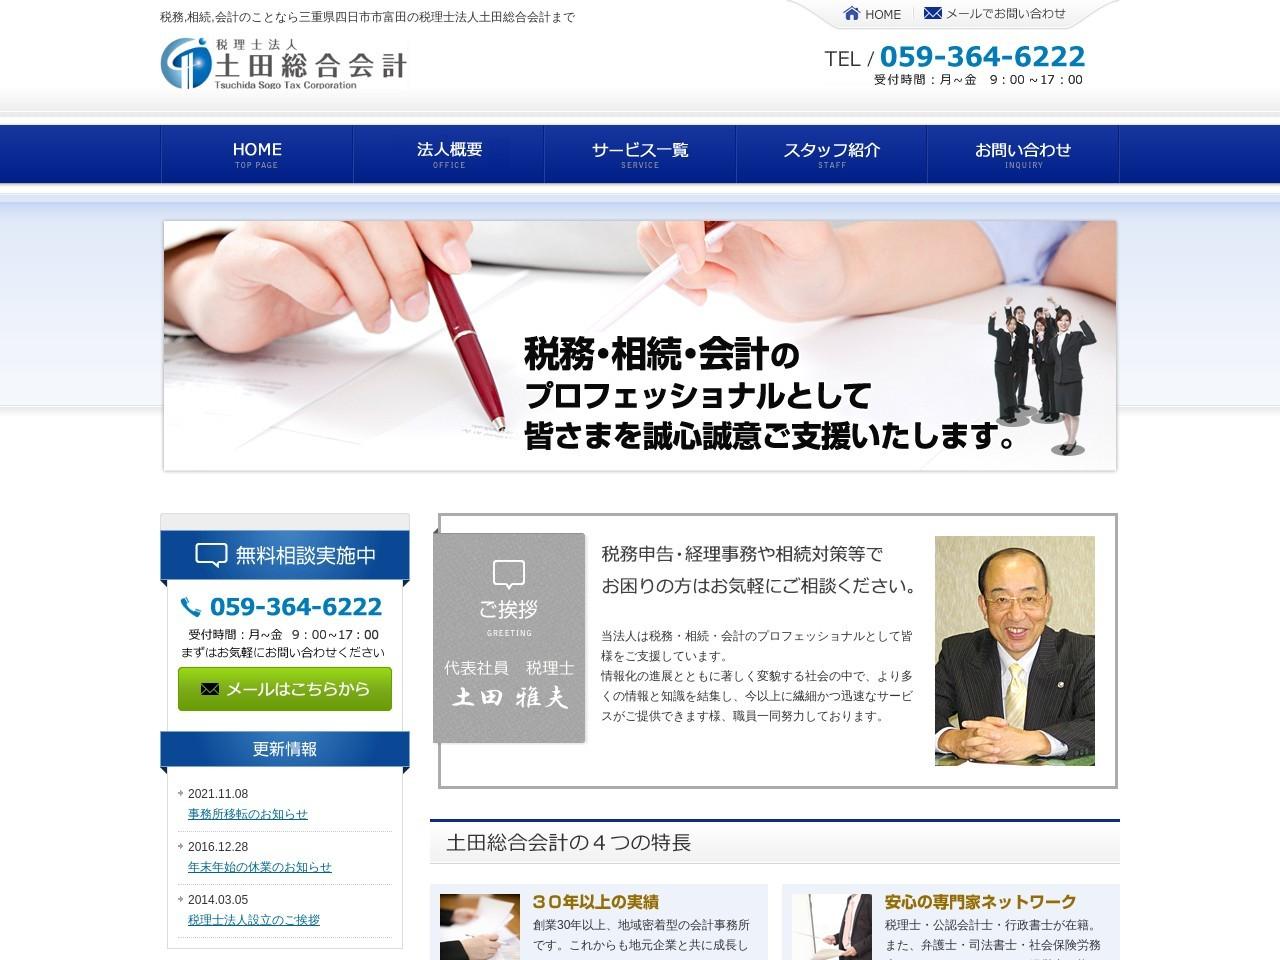 土田総合会計(税理士法人)